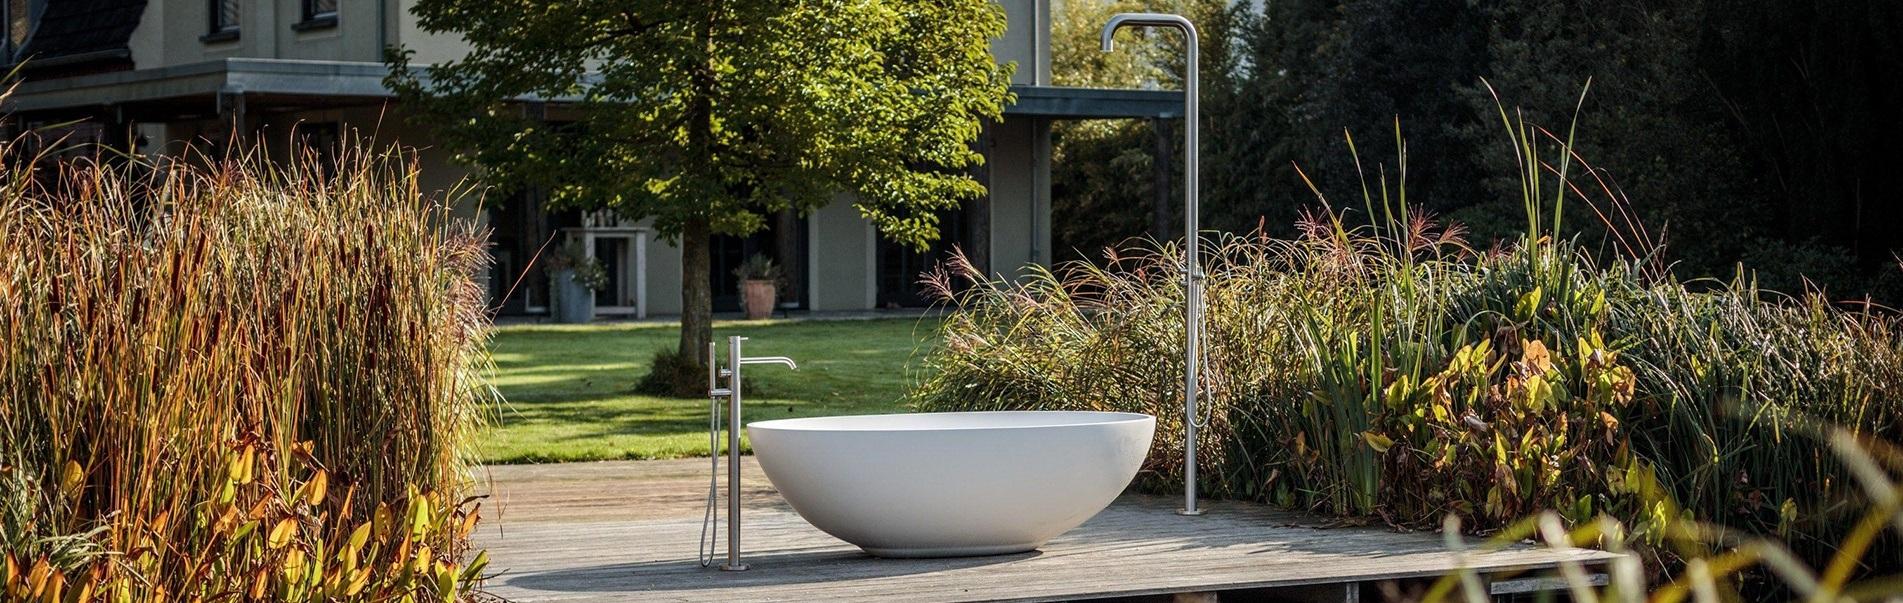 Luxe baden. Vrijstaande baden voor in luxe badkamers. Uw badkamer wordt exclusief met zo'n vrijstaand ligbad van B Dutch. B Dutch levert een totaal programma voor complete badkamers.